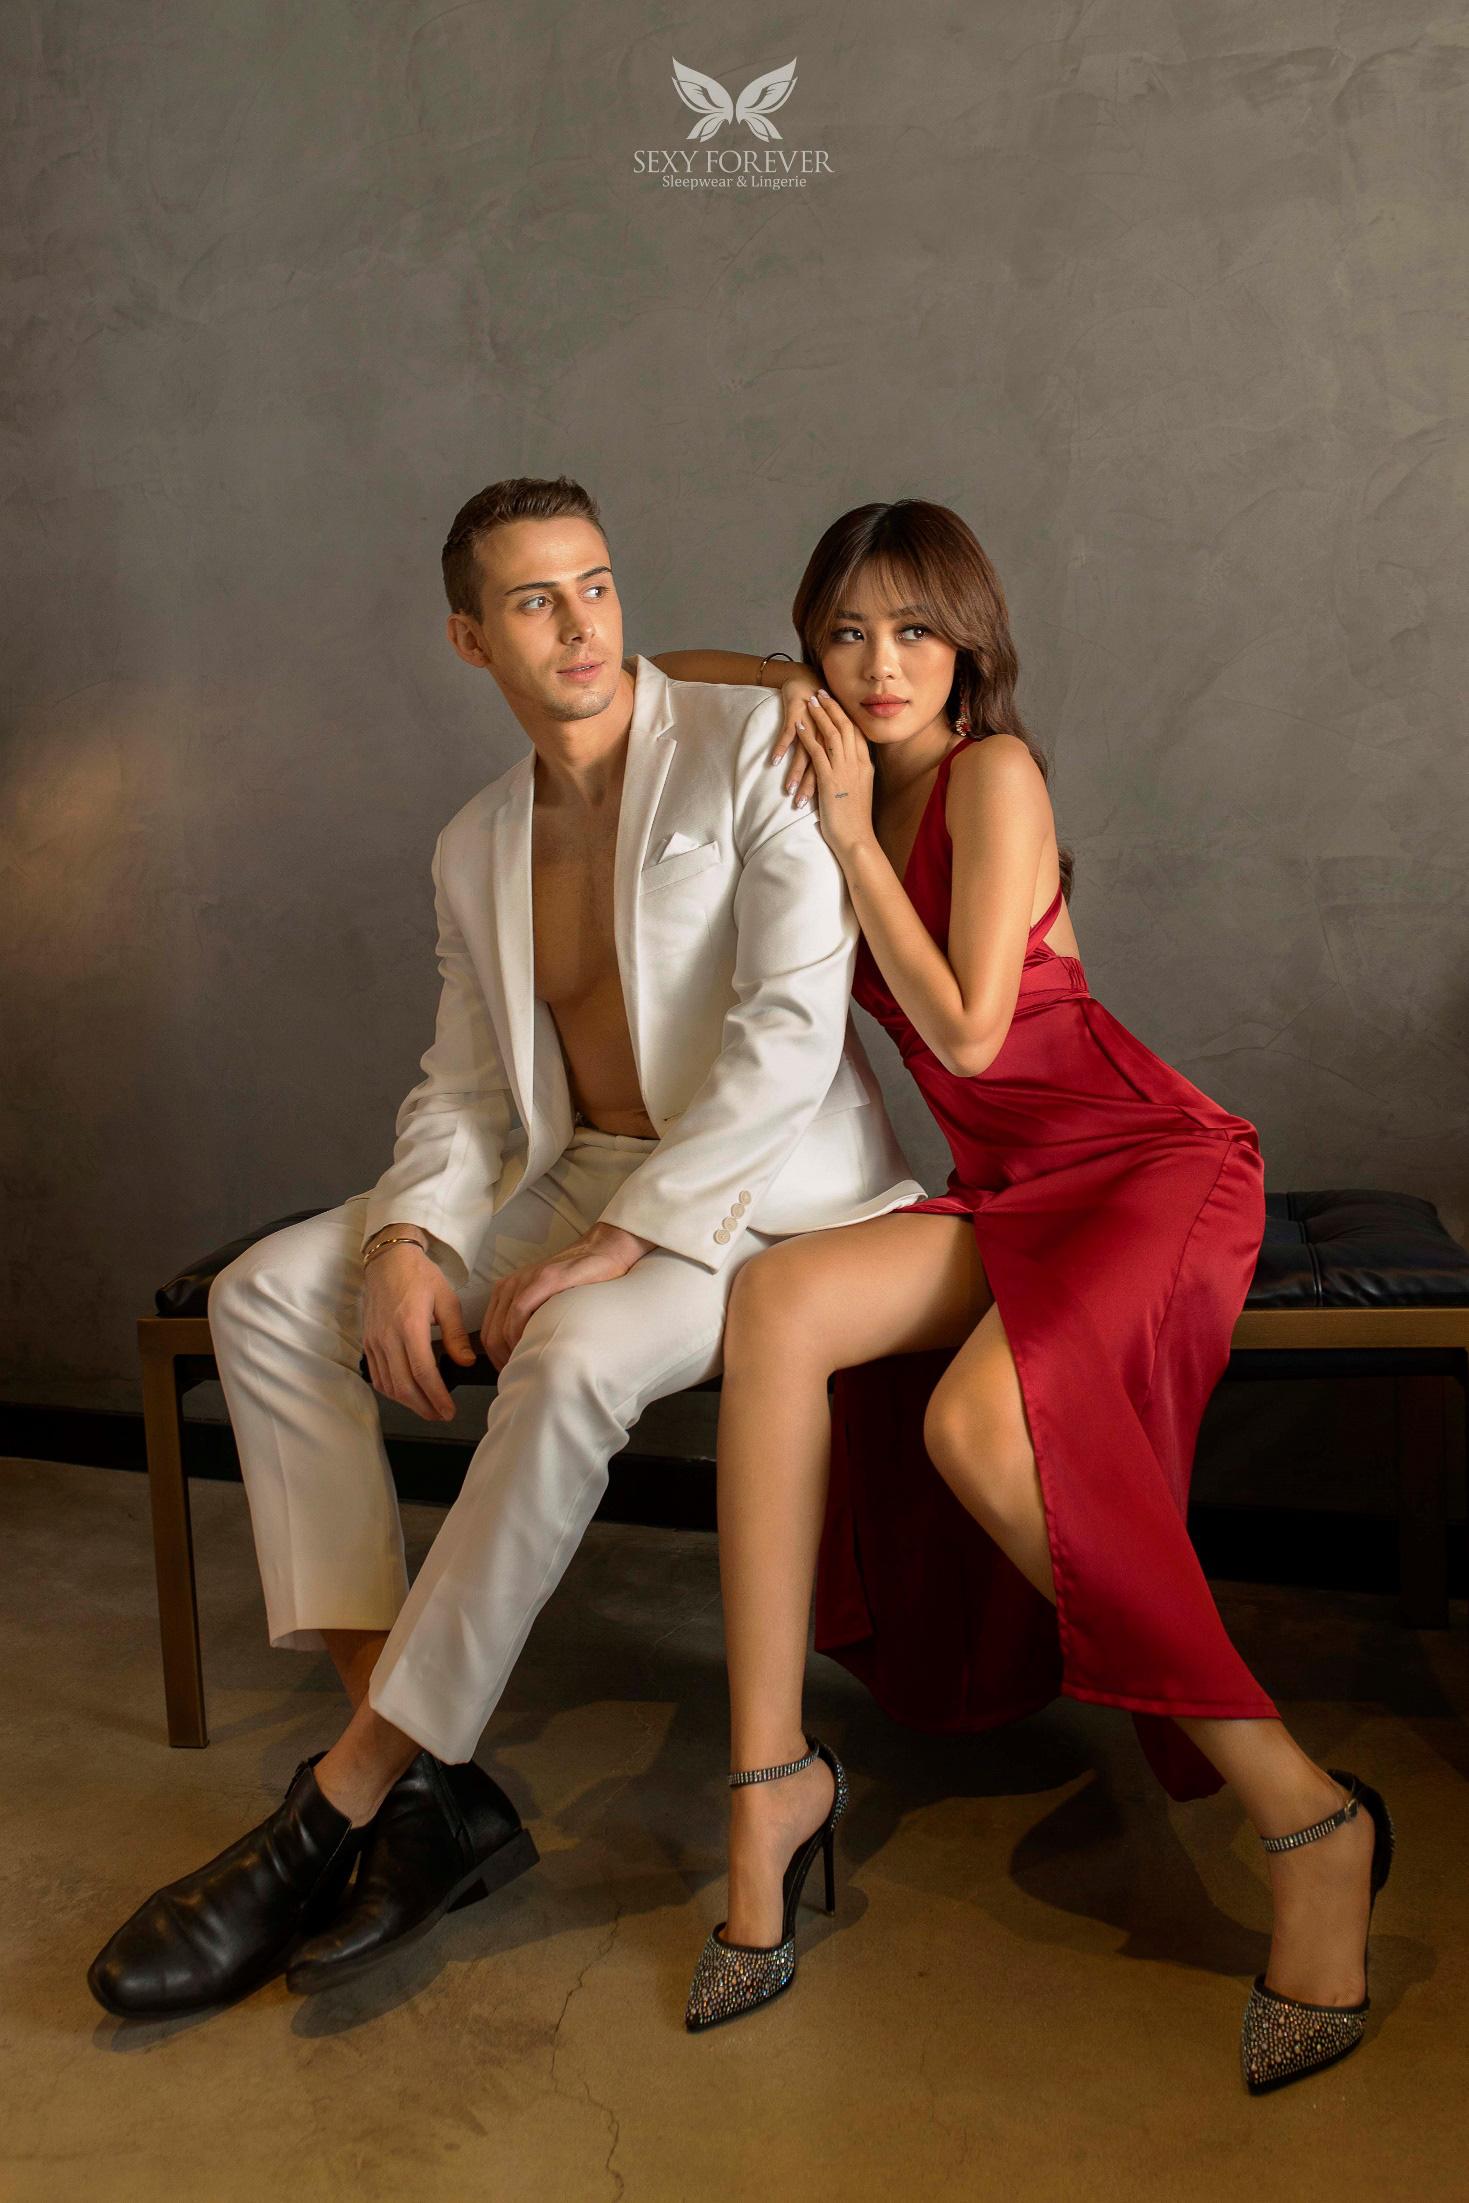 """Mẫu ảnh Kỳ Duyên tình tứ bên chàng Tây """"Người ấy là ai"""" Paulo trong BST đặc biệt """"Made for Love"""" cho dịp Valentine ngọt ngào đến từ Sexy Forever - Ảnh 3."""